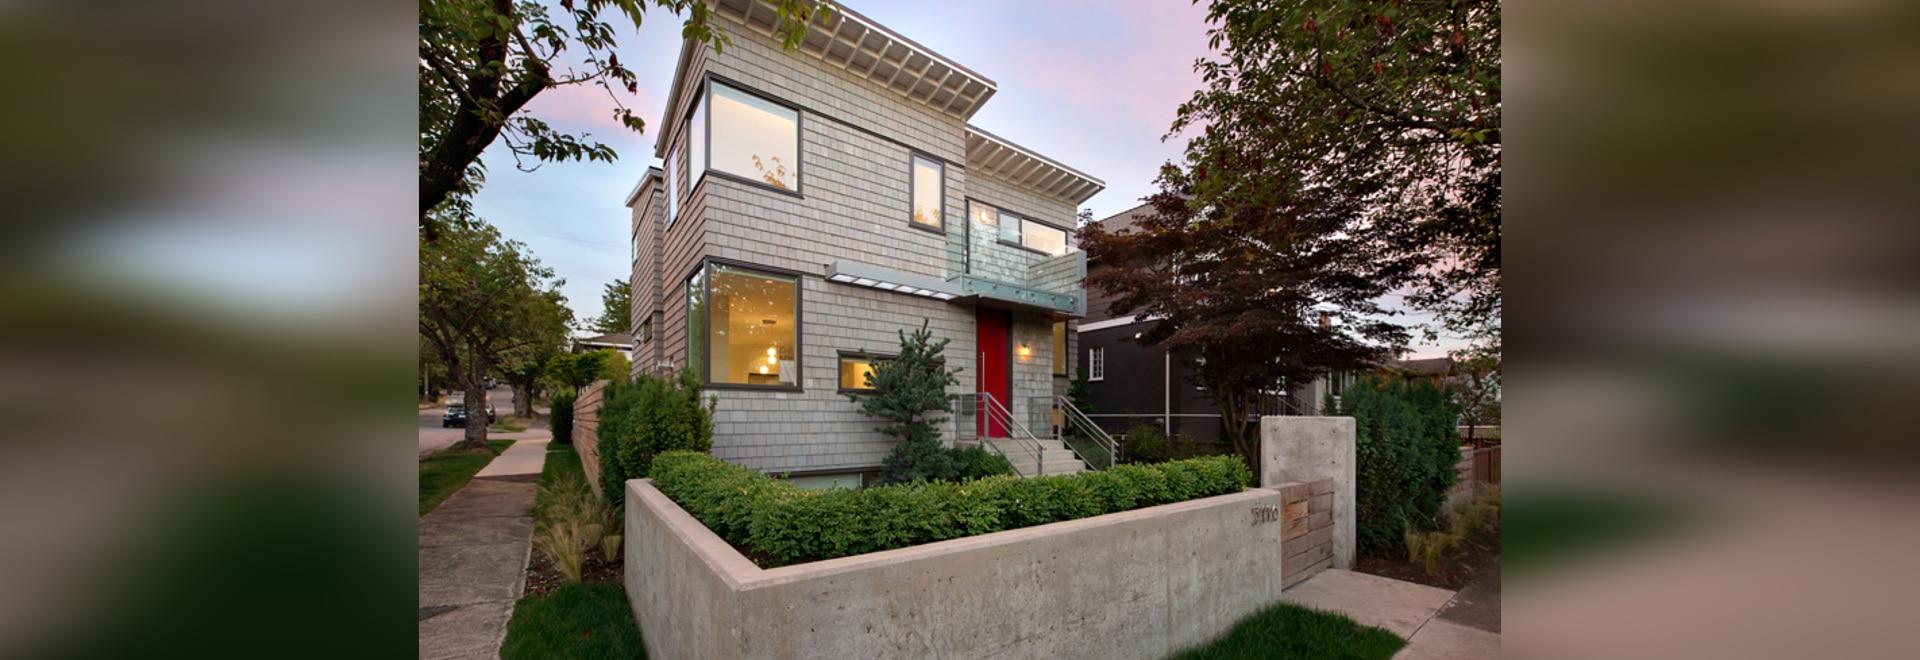 Randy Bens entwirft ein Haus auf einem Ecklos in Vancouver ...